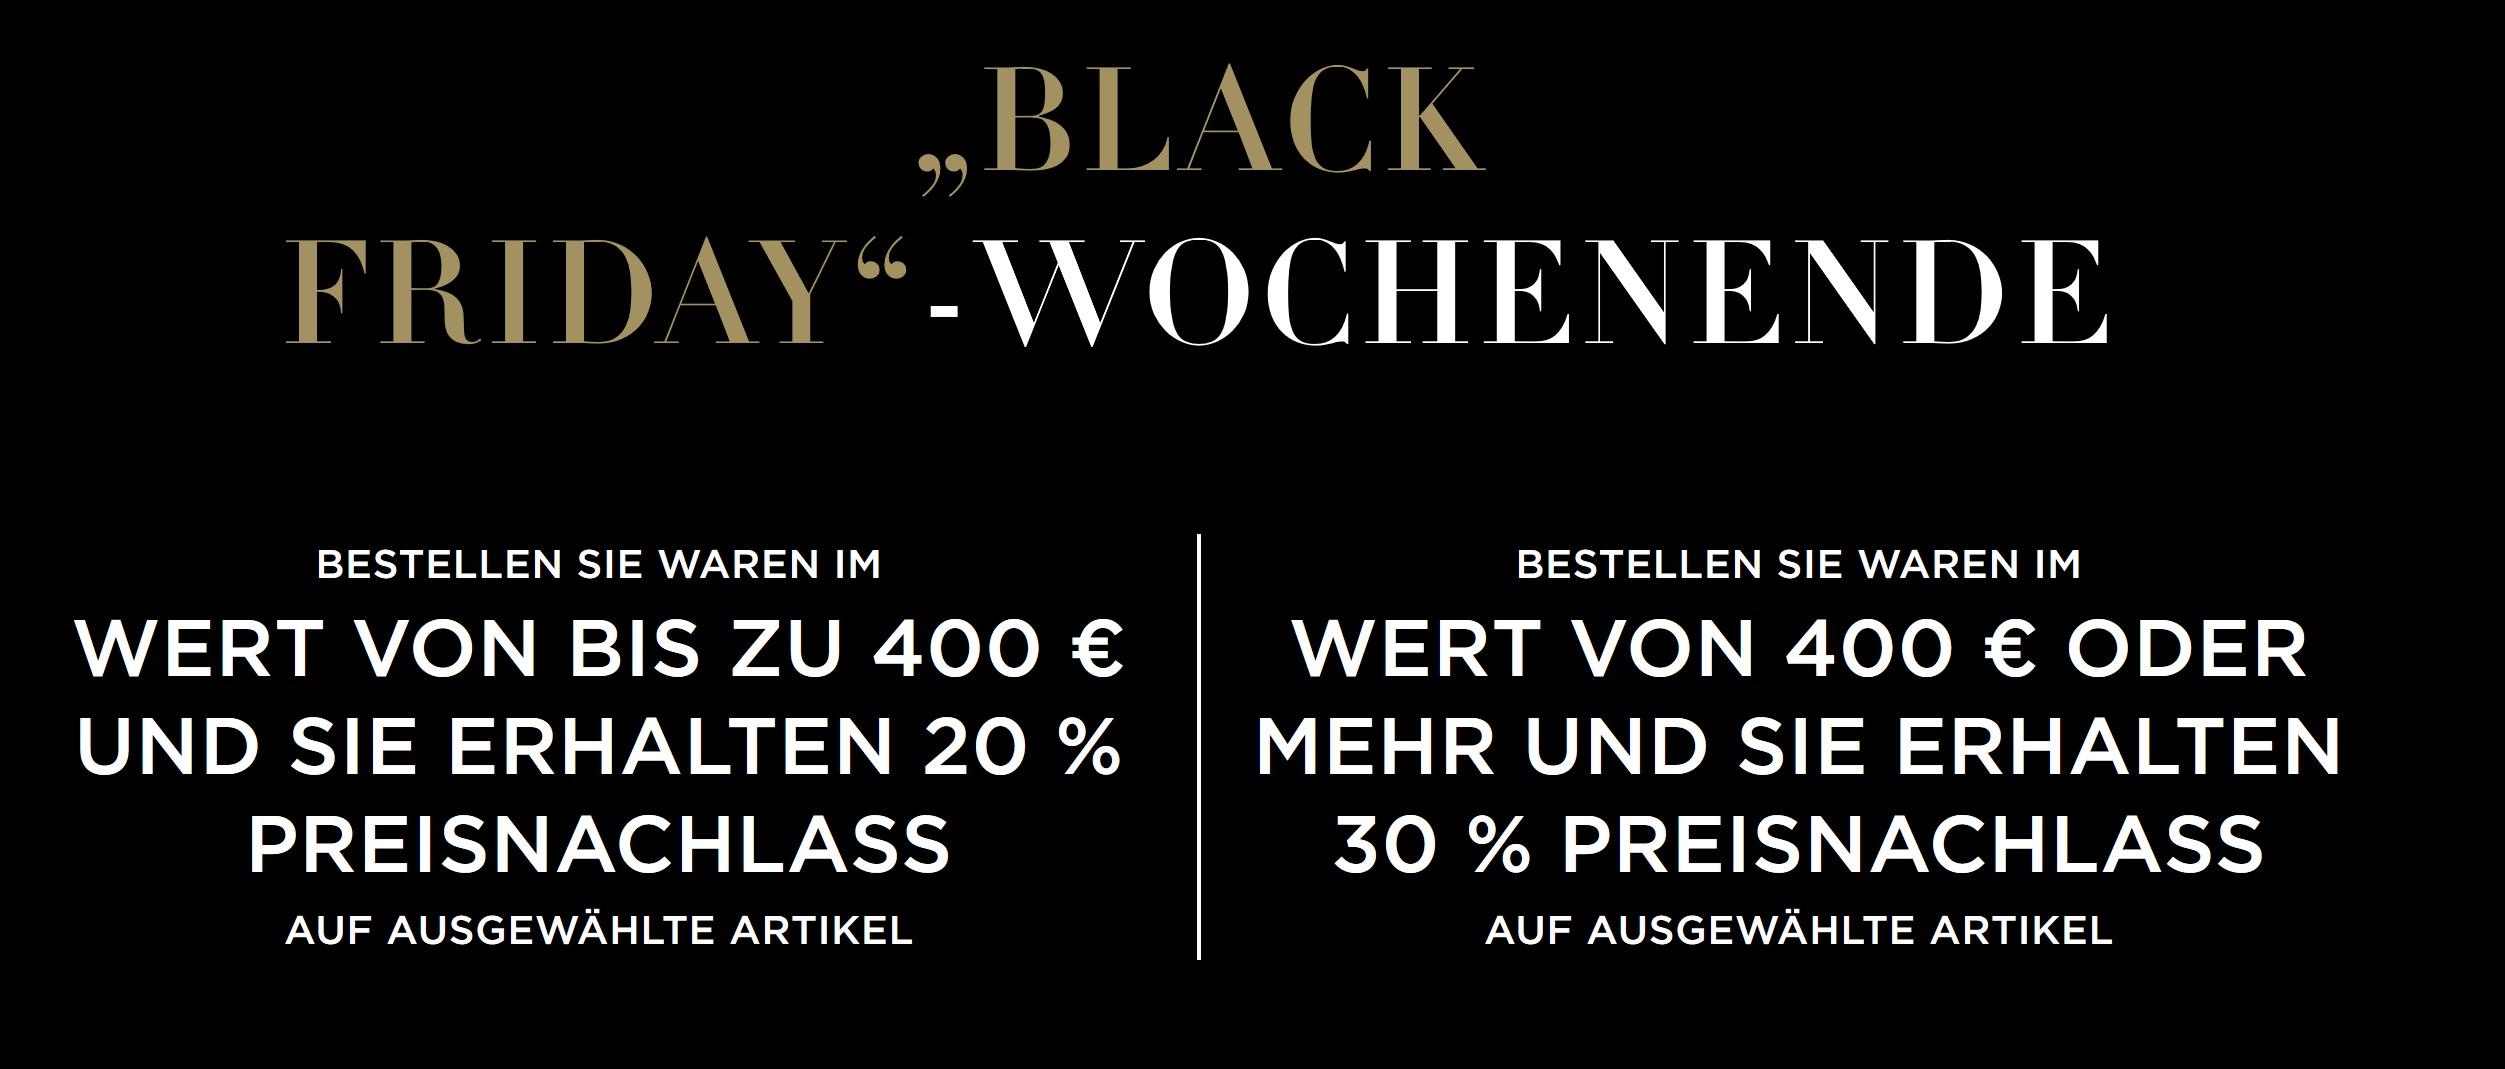 155d6a99e6b740 Ralph Lauren Angebote   Deals ⇒ Mai 2019 - mydealz.de